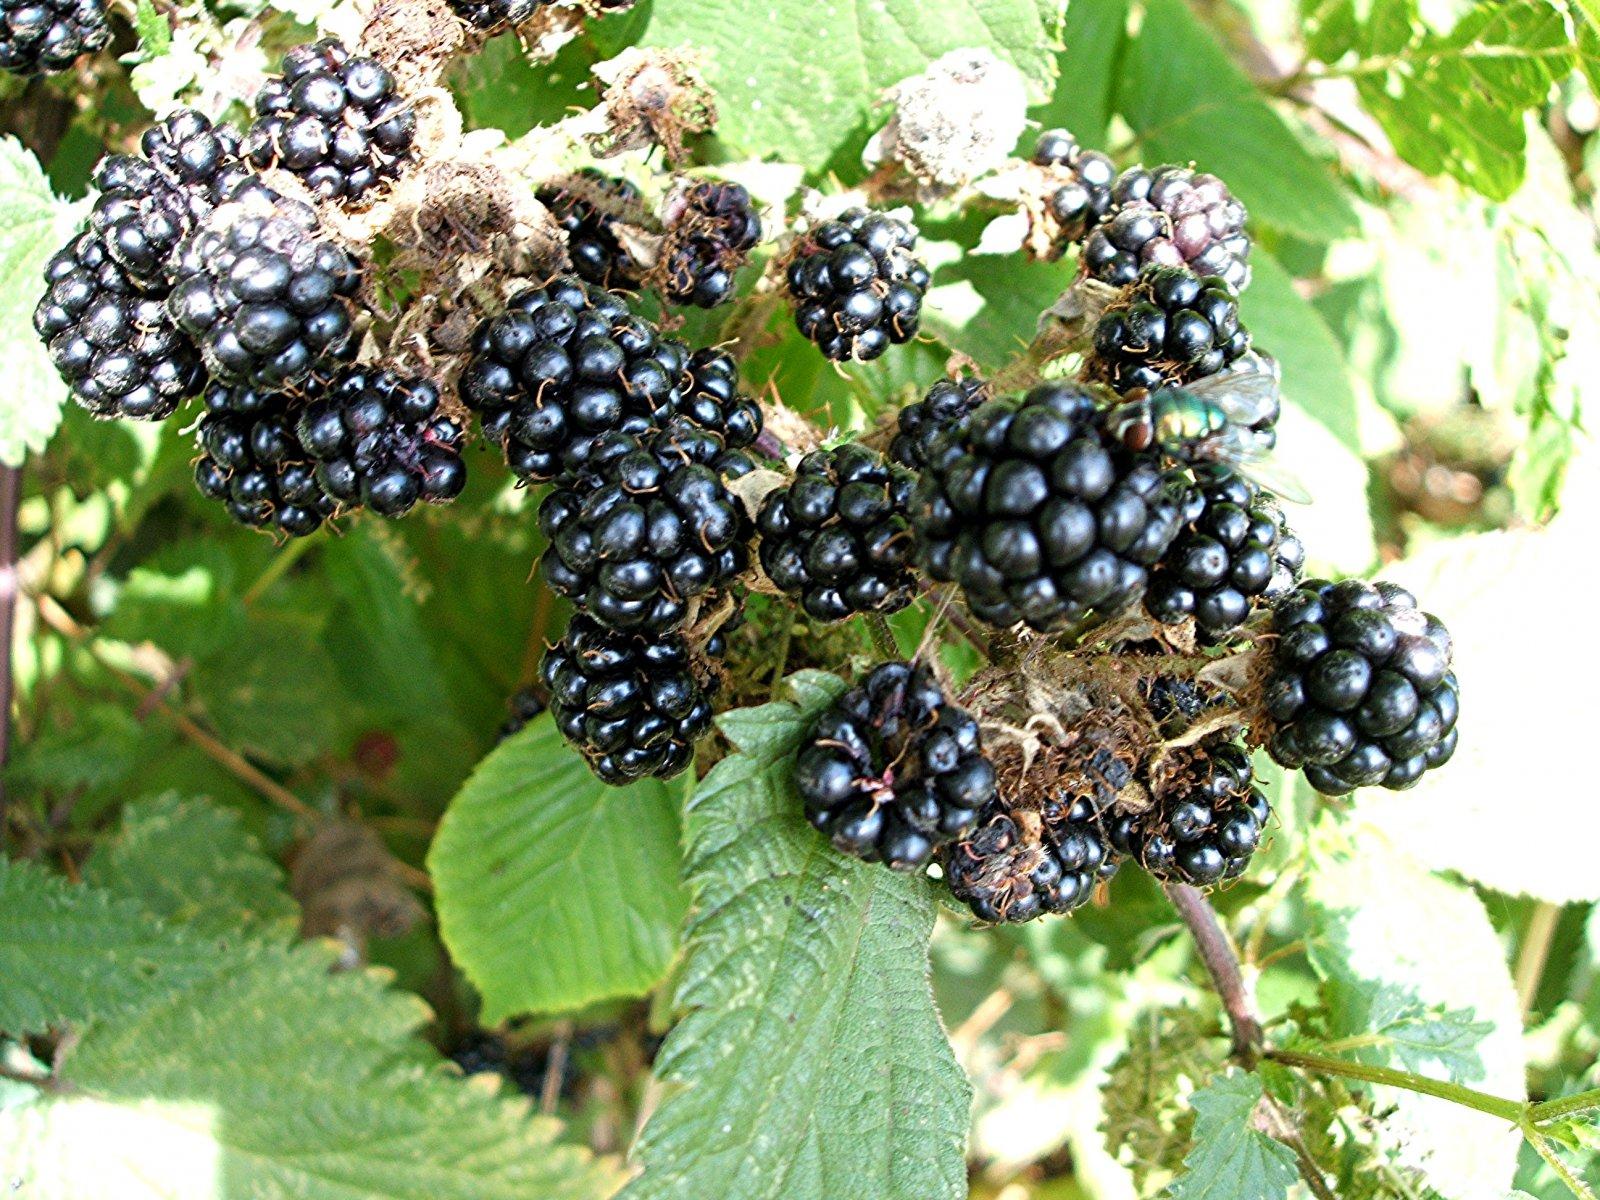 ΒΟΤΑΝΑ ΚΑΙ ΦΥΣΗ: Βάτος-Βατσινιά-Rubus ...